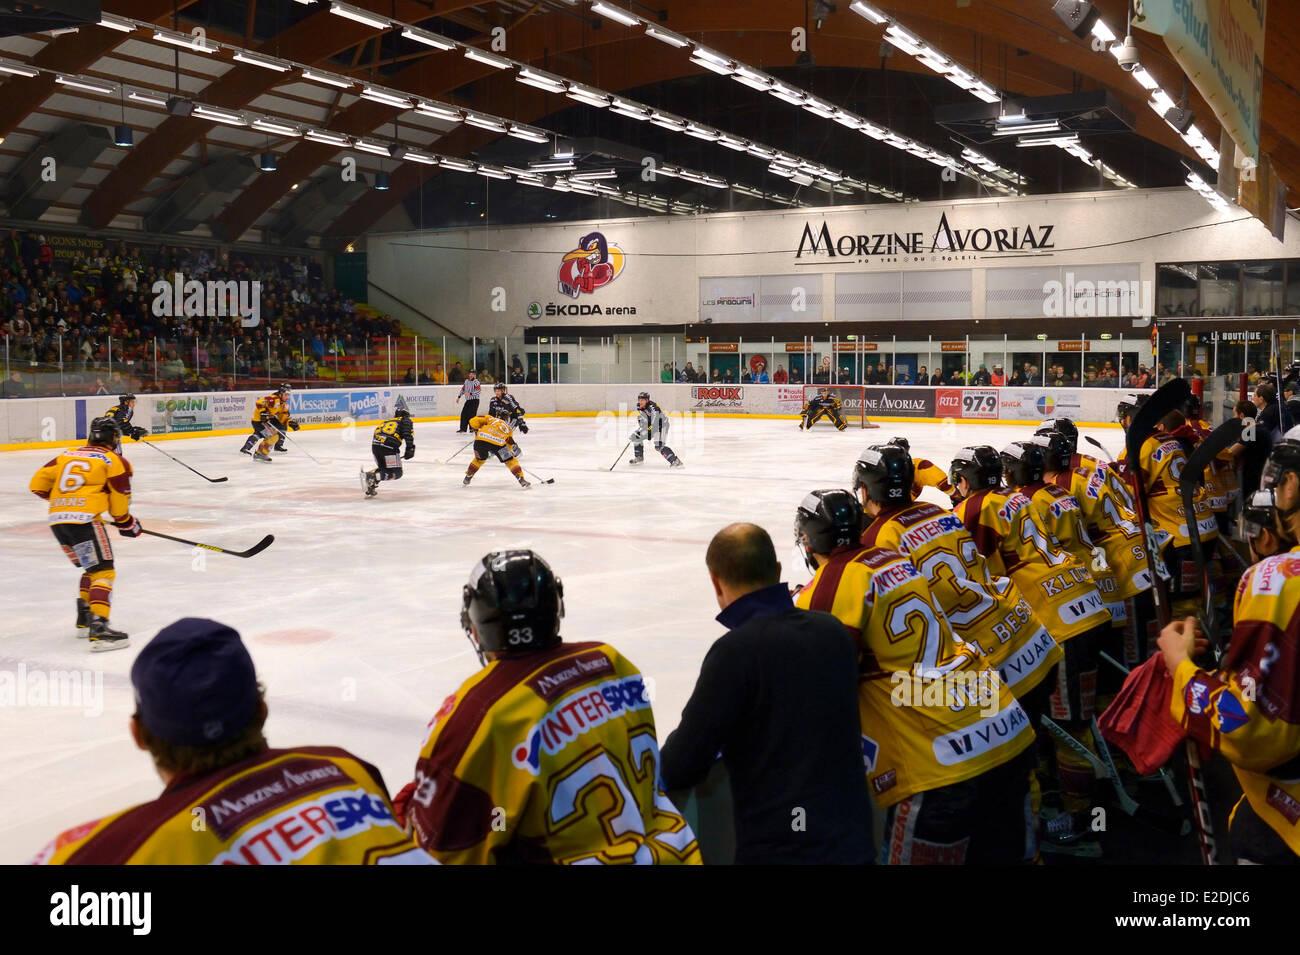 Francia Morzine Haute Savoie juego de hockey sobre hielo de la Morzine-Avoriaz Hockey Club llamado los pingüinos Imagen De Stock